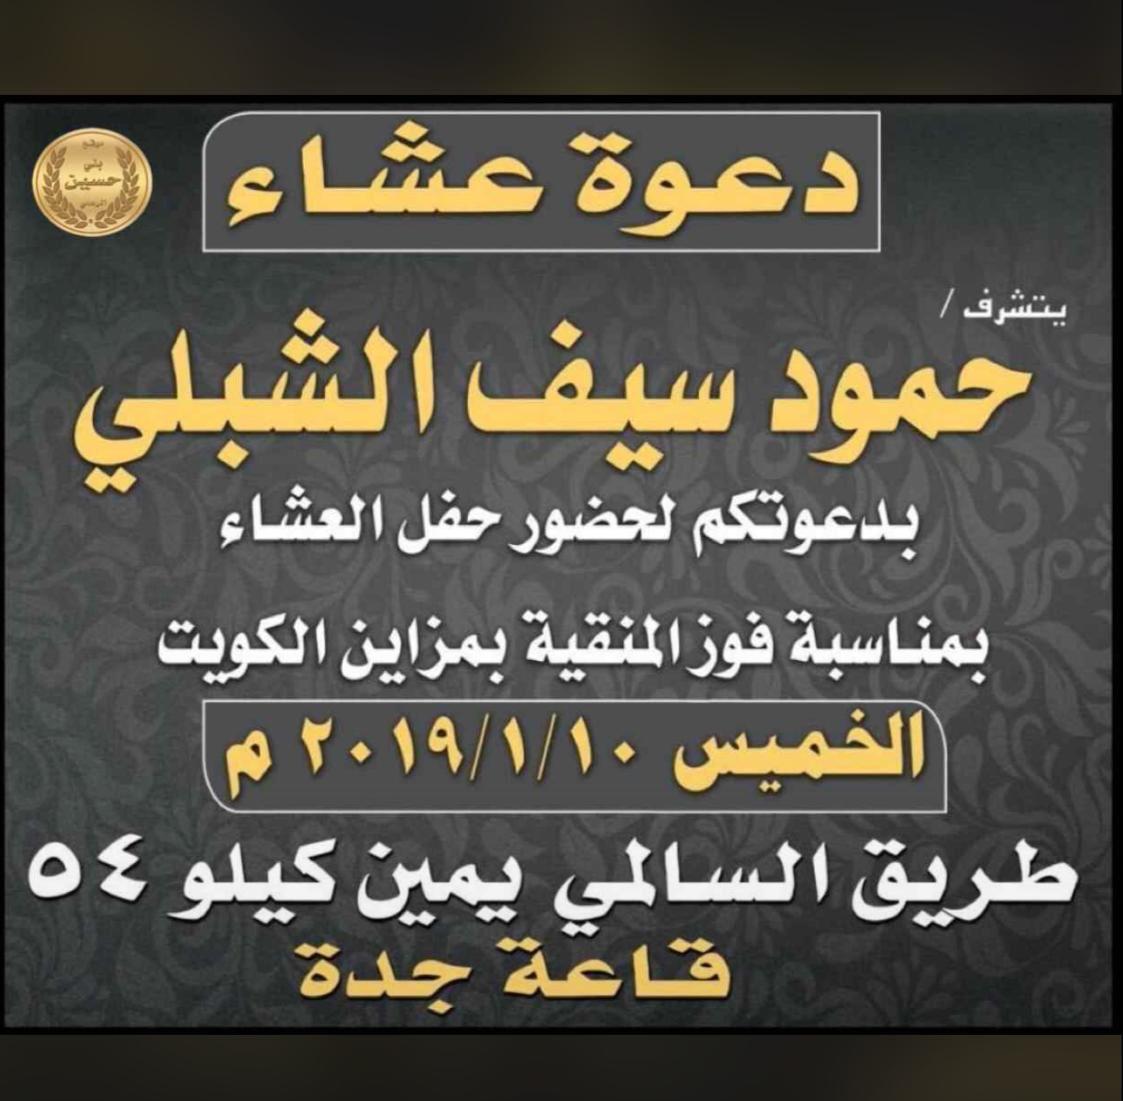 فهد الشبلي Twitter પર حياكم الله على العشاء يوم الخميس هلا ومرحبا بالجميع الظفير الشبلي الحسيني